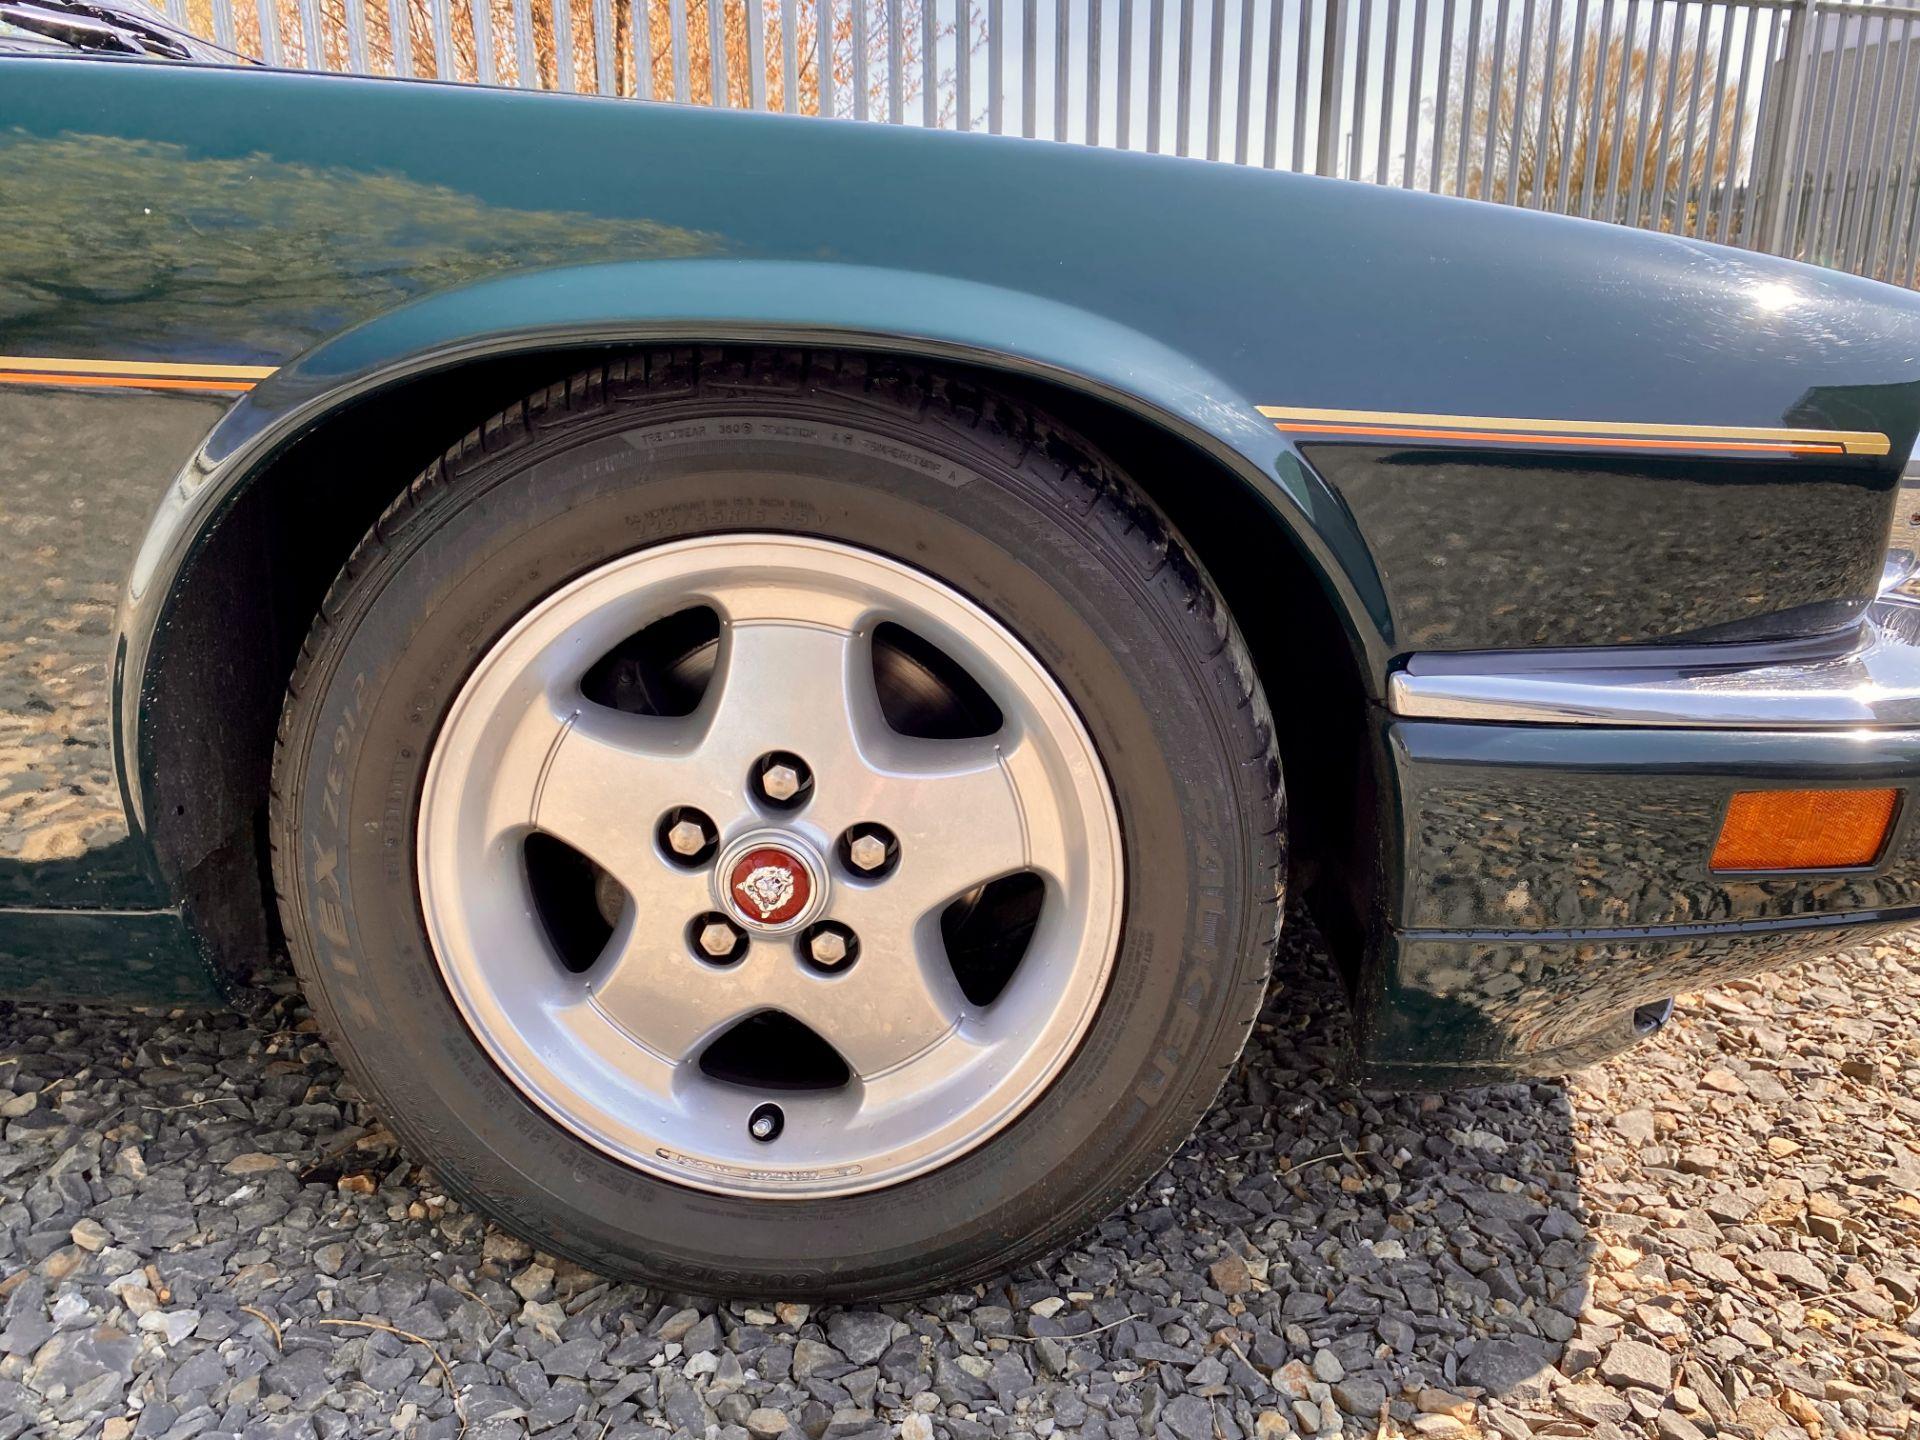 Jaguar XJS coupe - Image 30 of 64